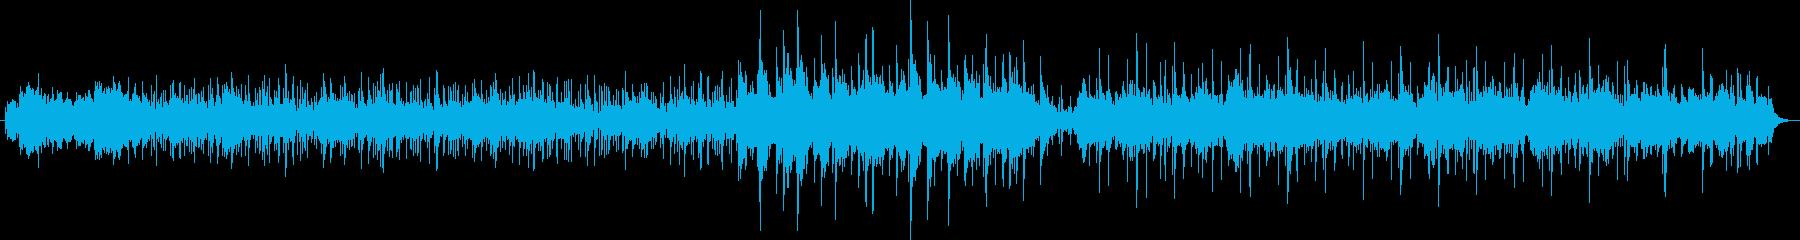 海底イメージの幻想的なチルアウトの曲ですの再生済みの波形